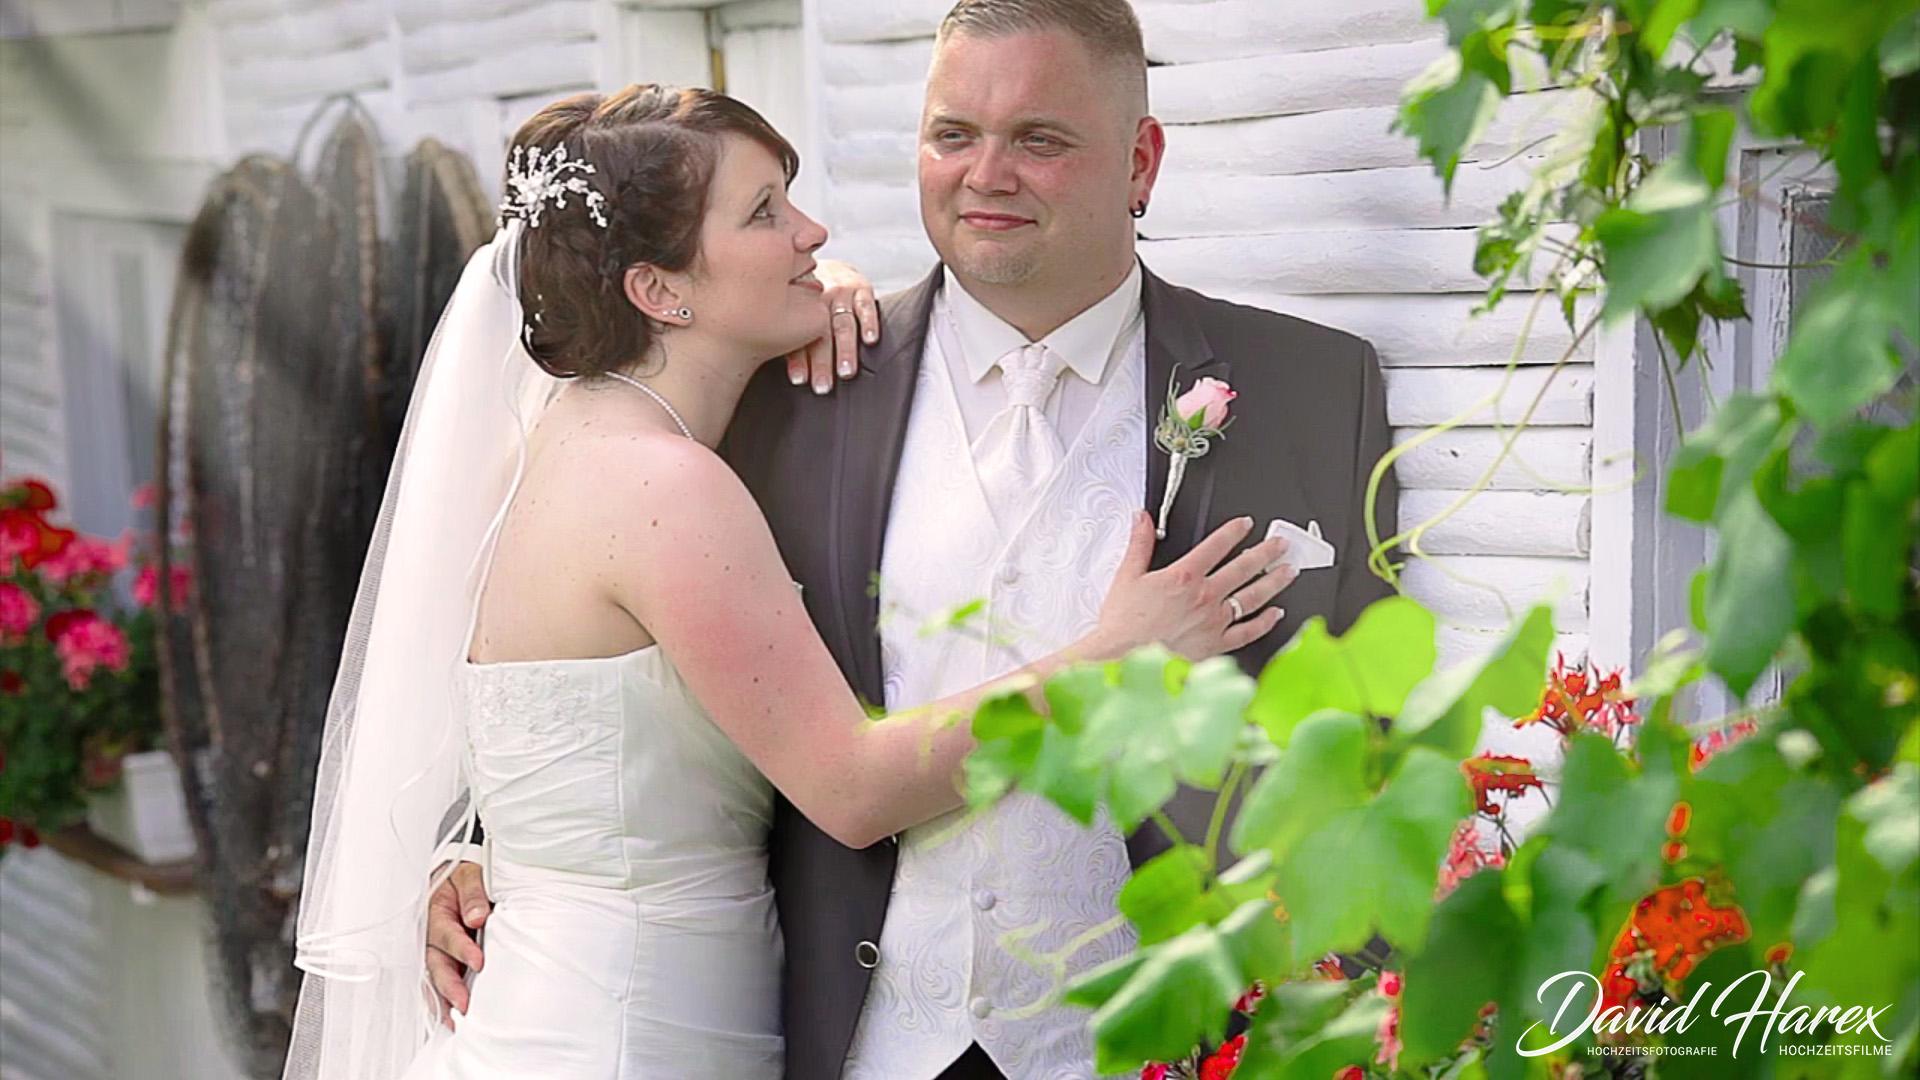 Basti und Arletts Hochzeitsfilm